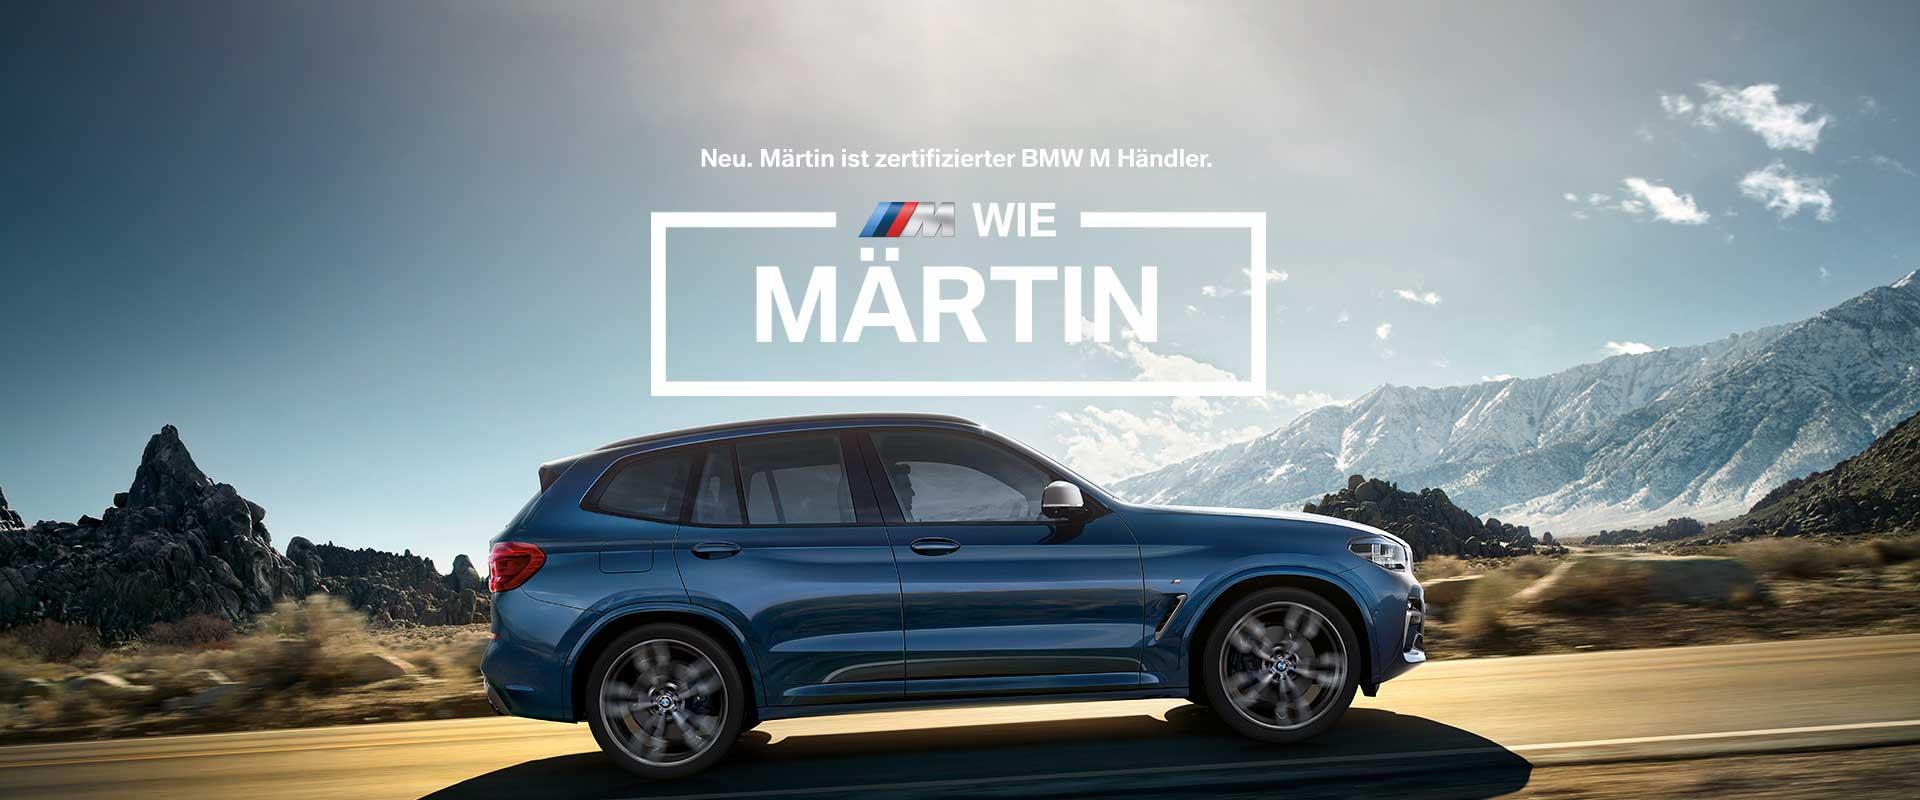 Autohaus Märtin ist zertifizierter BMW M Händler